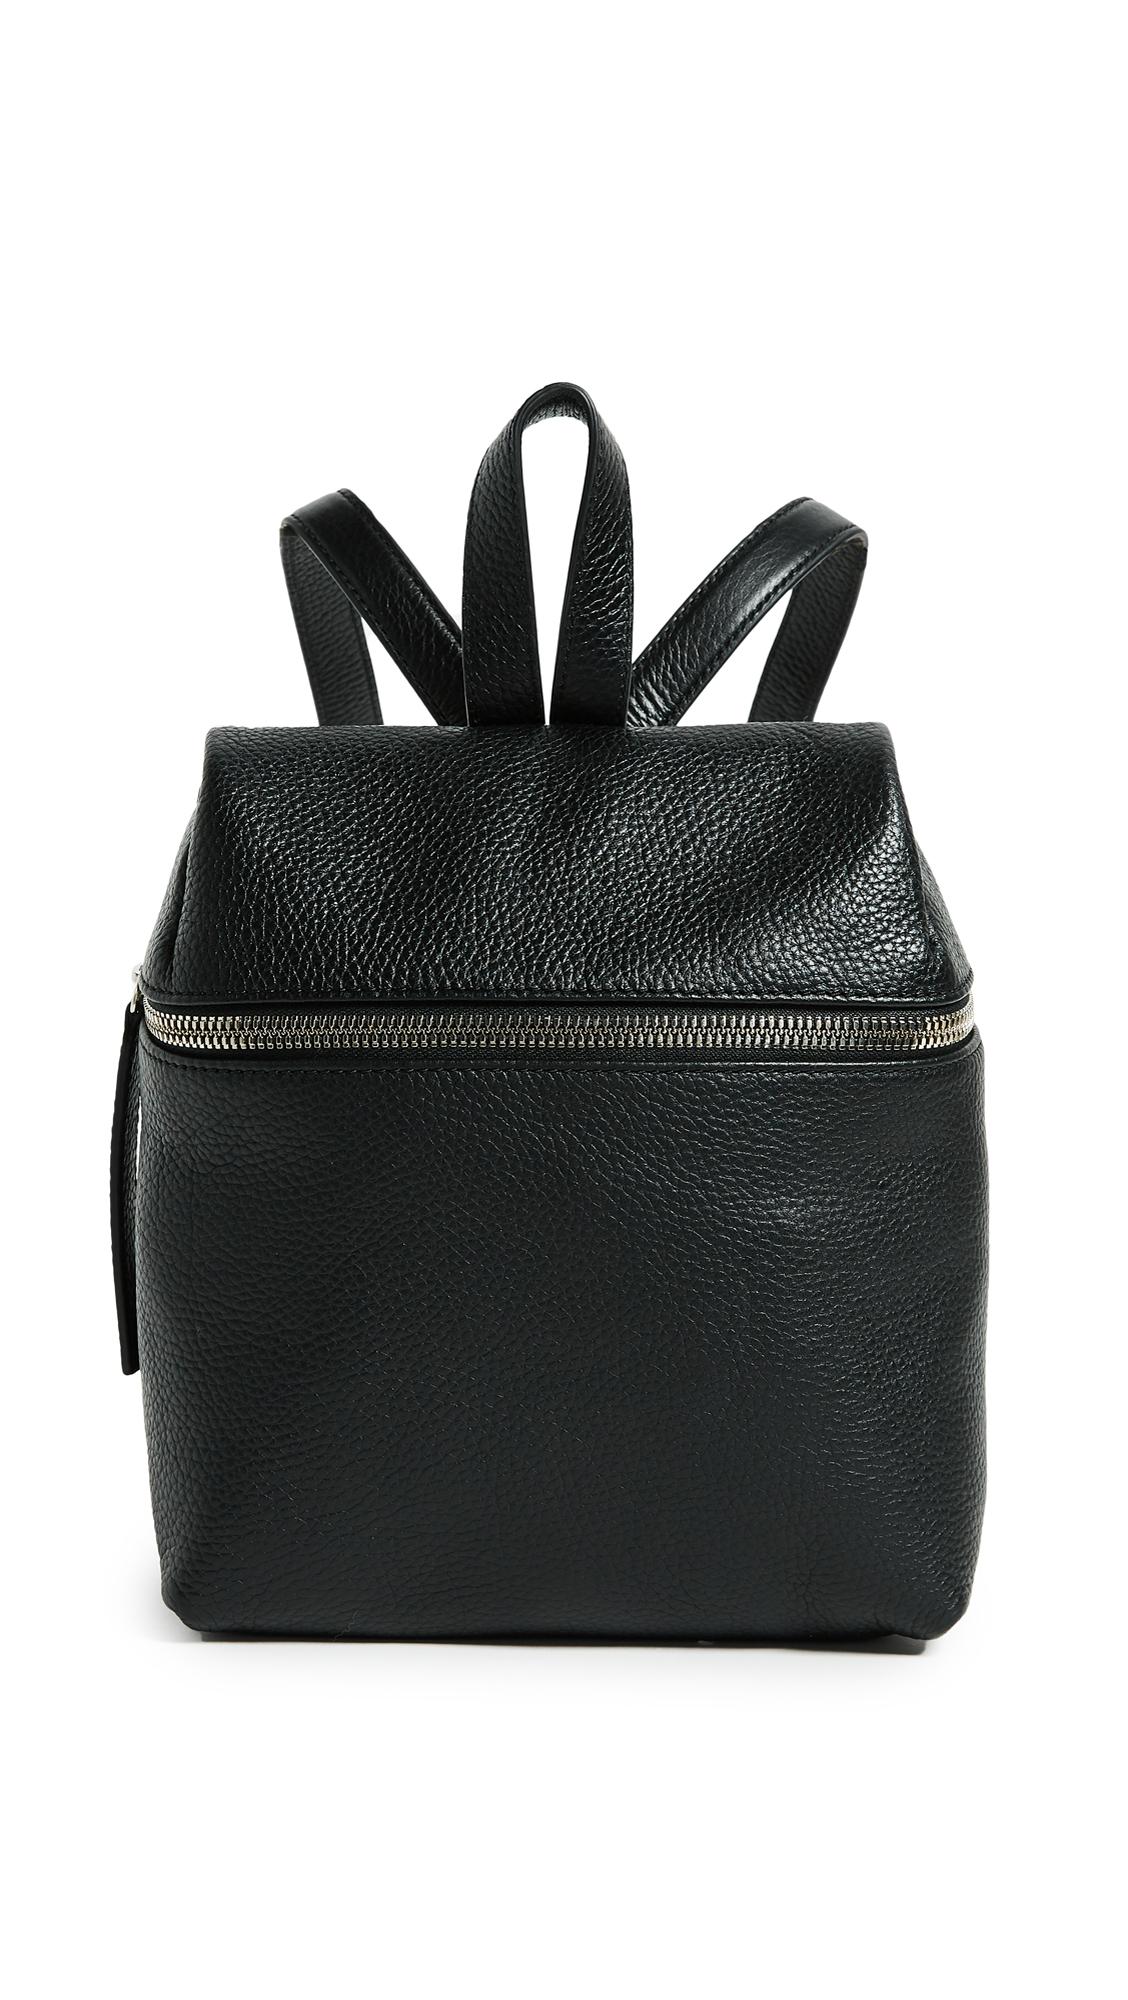 KARA Classic Small Backpack - Black